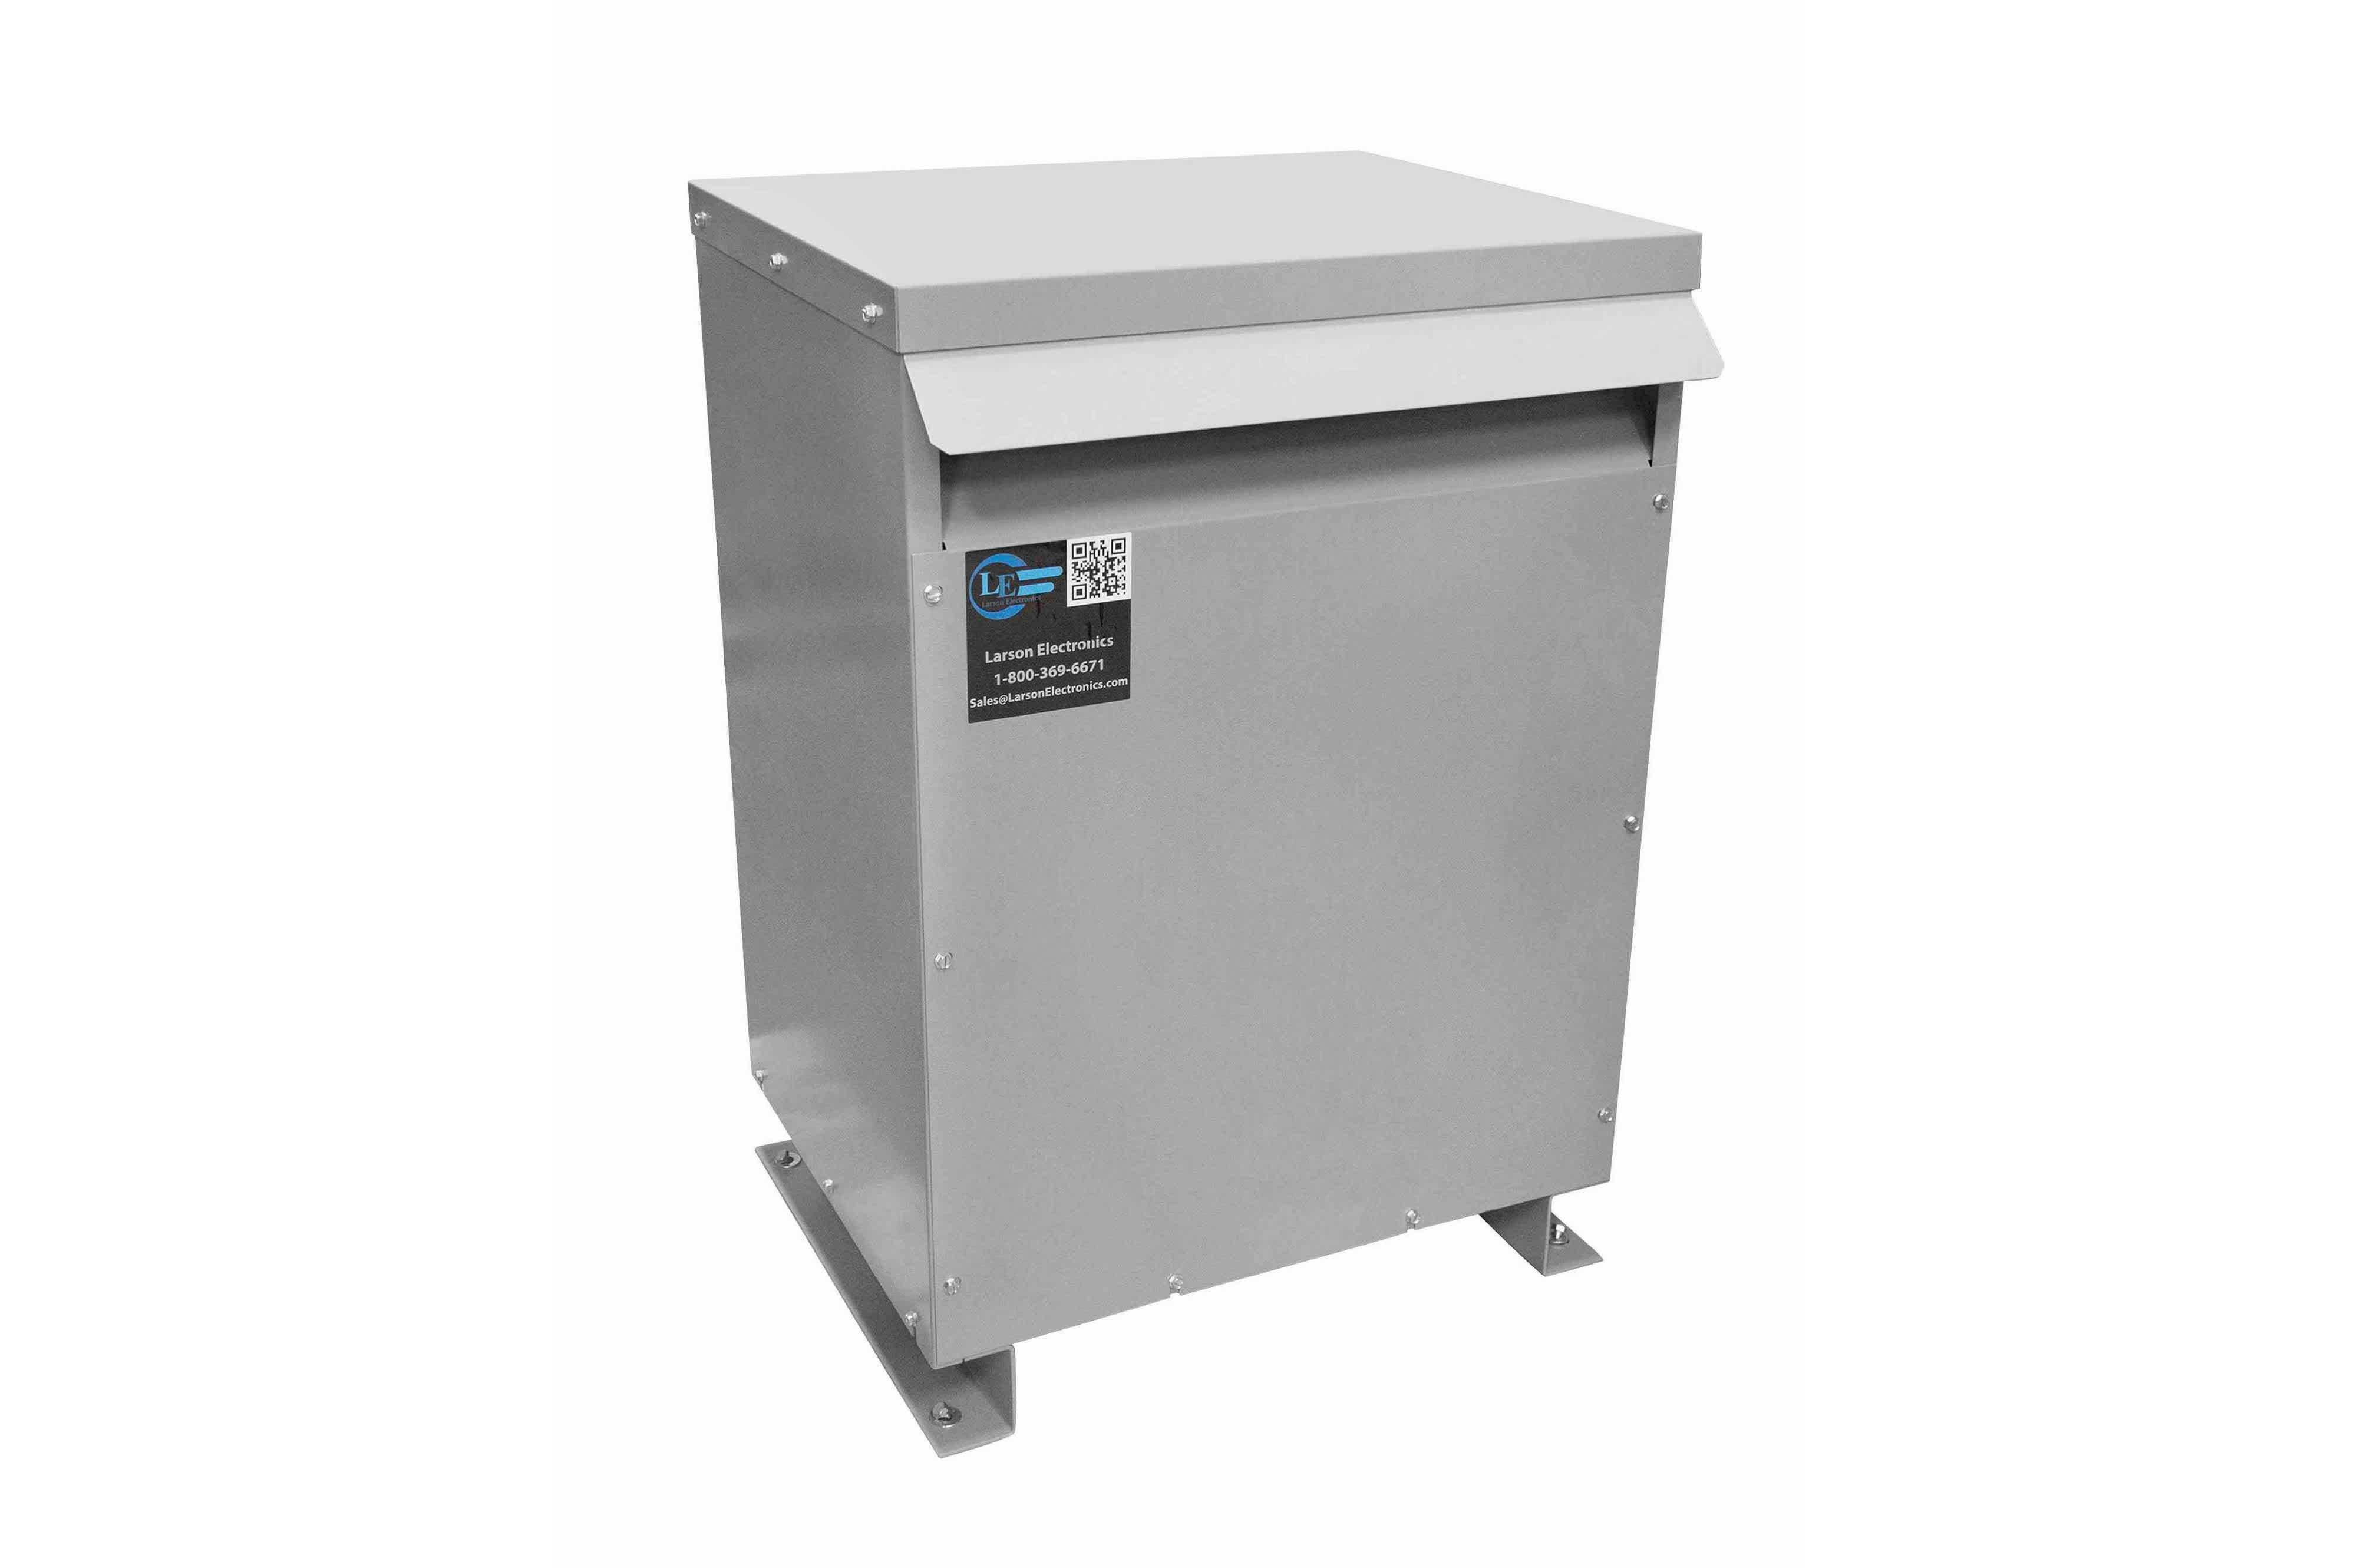 70 kVA 3PH Isolation Transformer, 415V Delta Primary, 480V Delta Secondary, N3R, Ventilated, 60 Hz